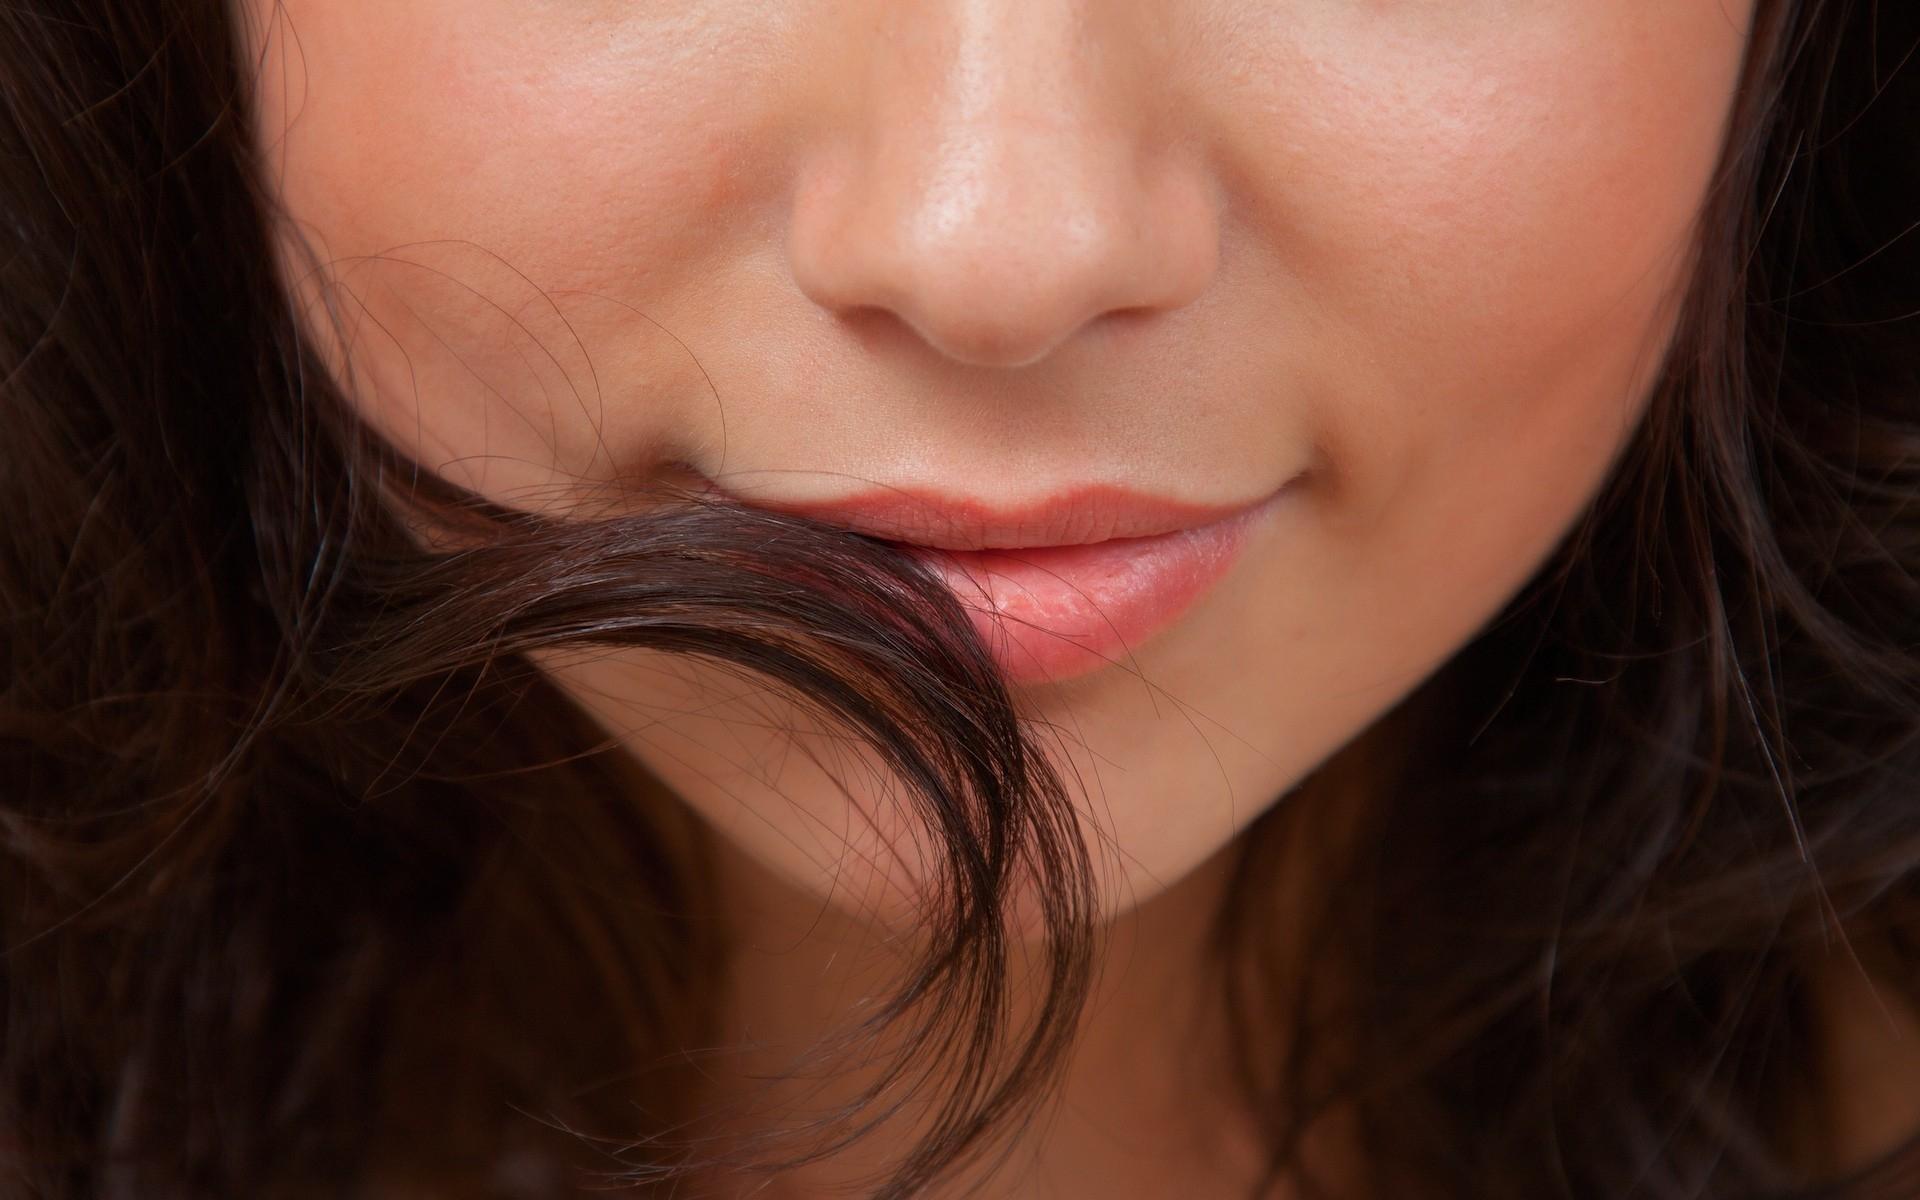 армянского картинки лицо с губами отличается хорошими вкусовыми